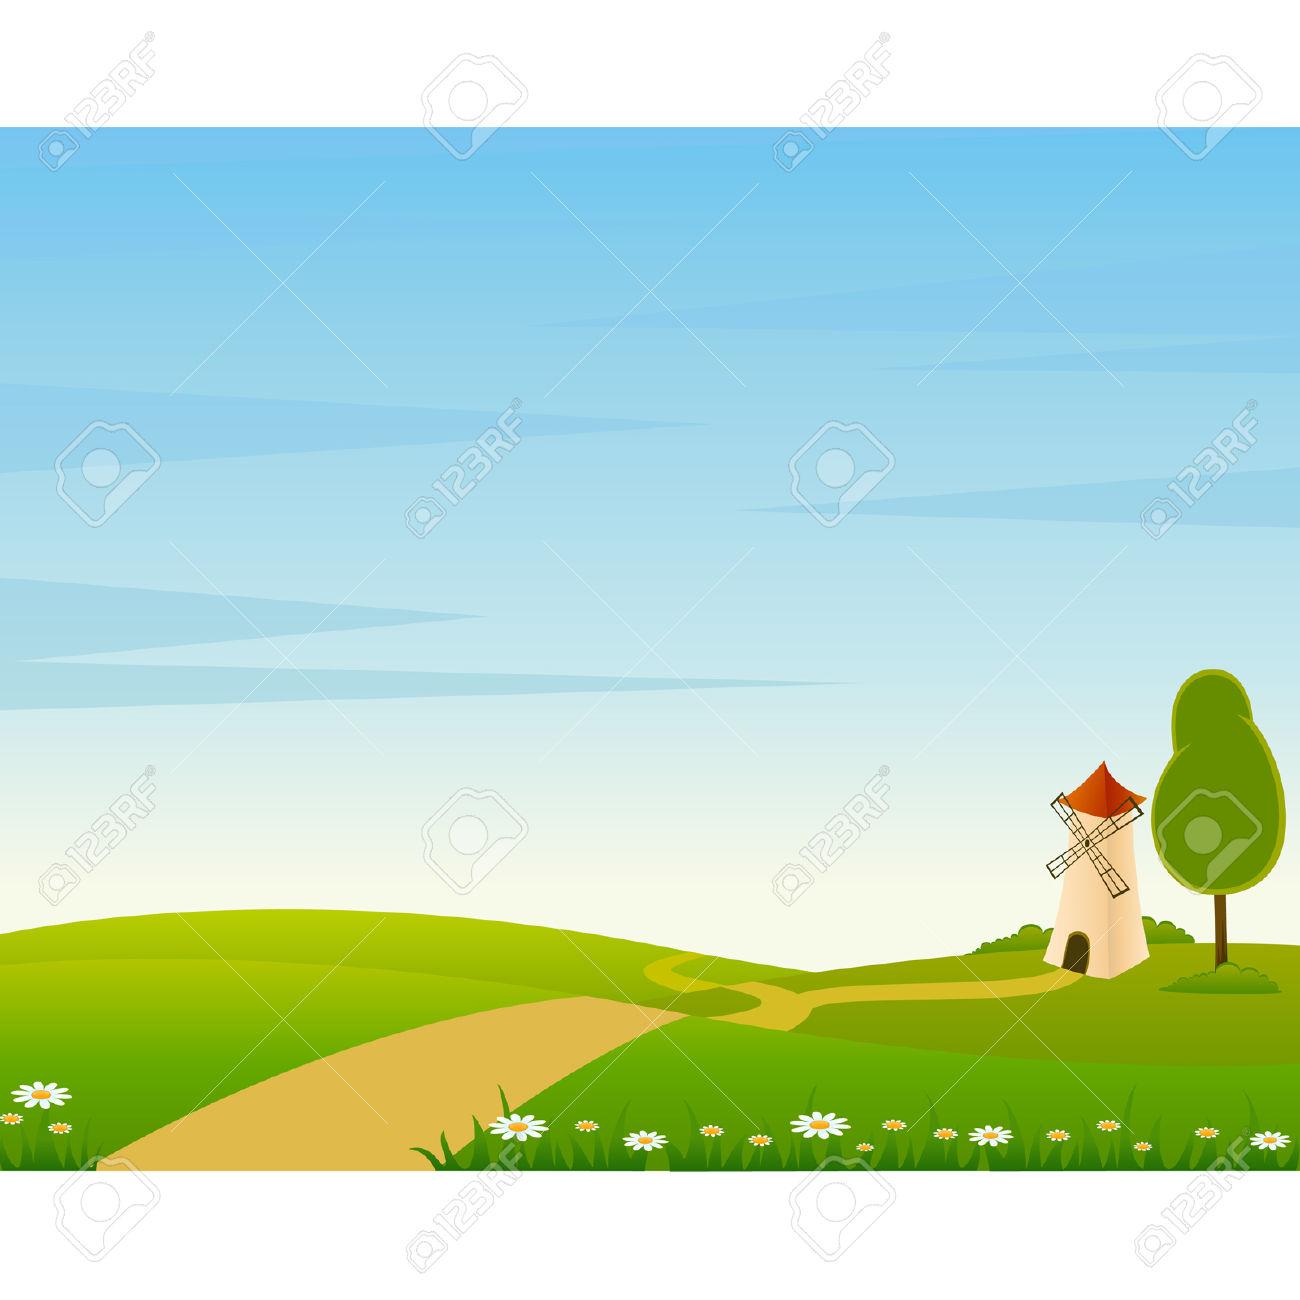 Landscape clipart download.